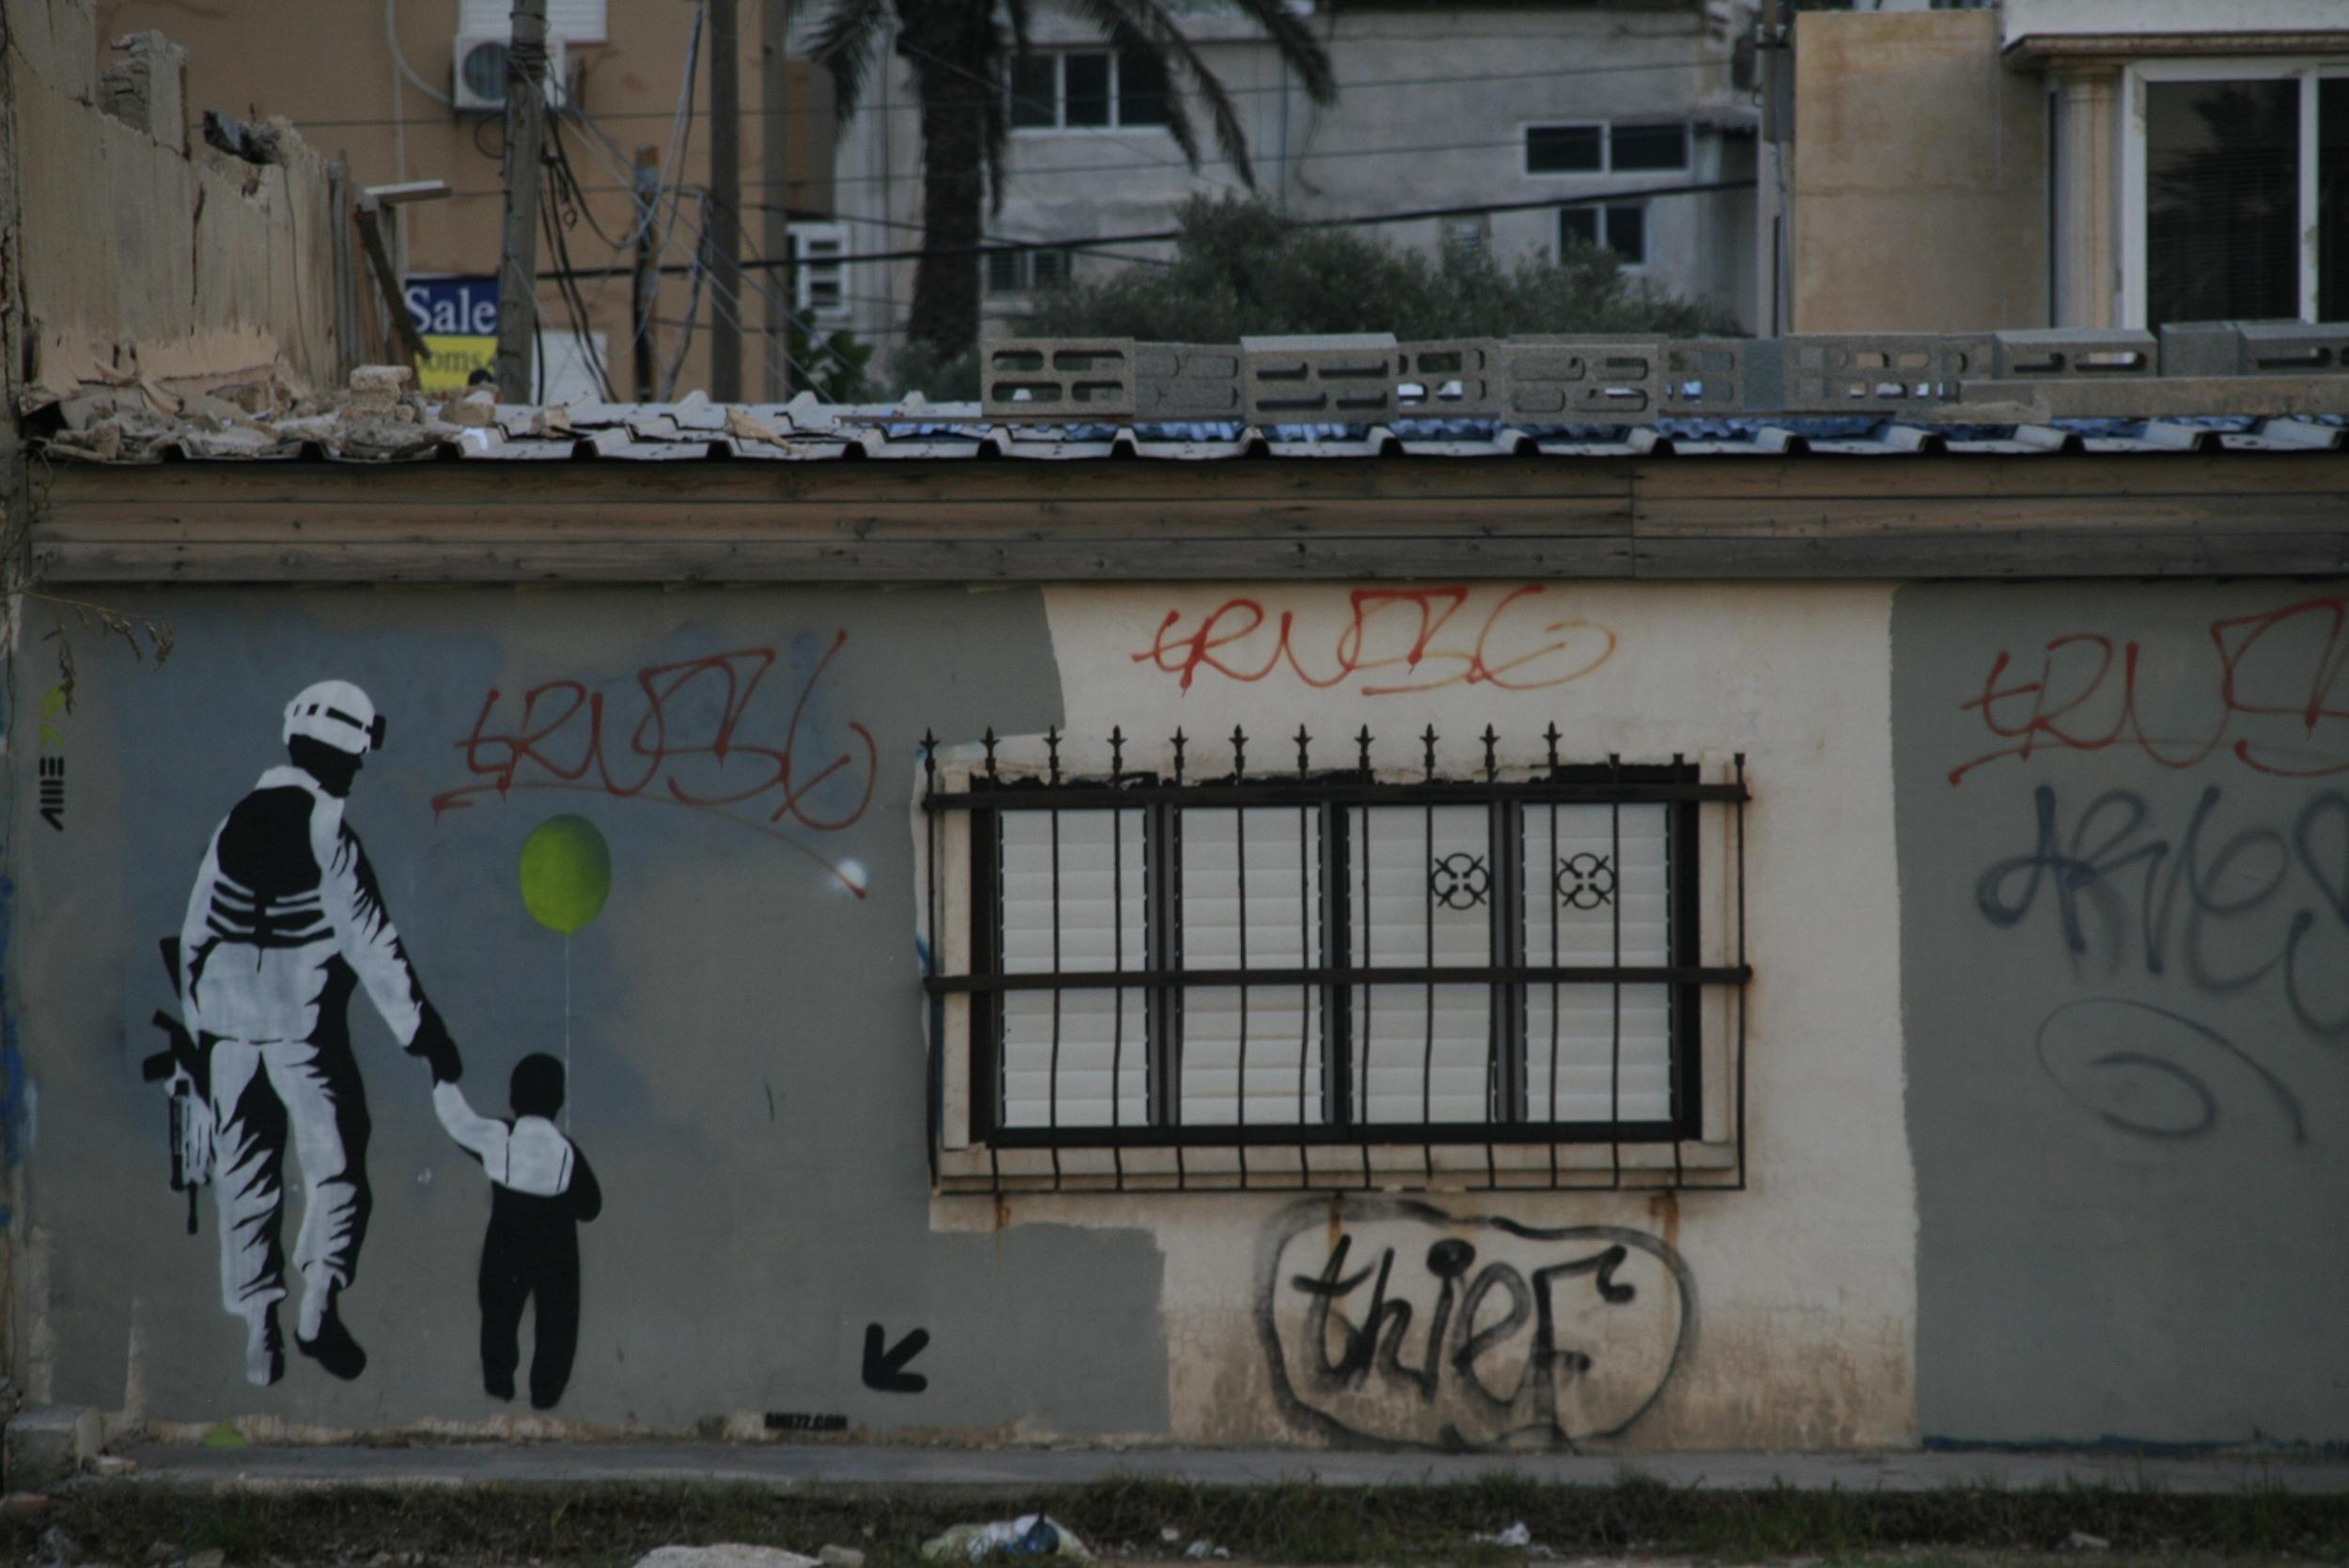 Tel Aviv, Israel (2008)